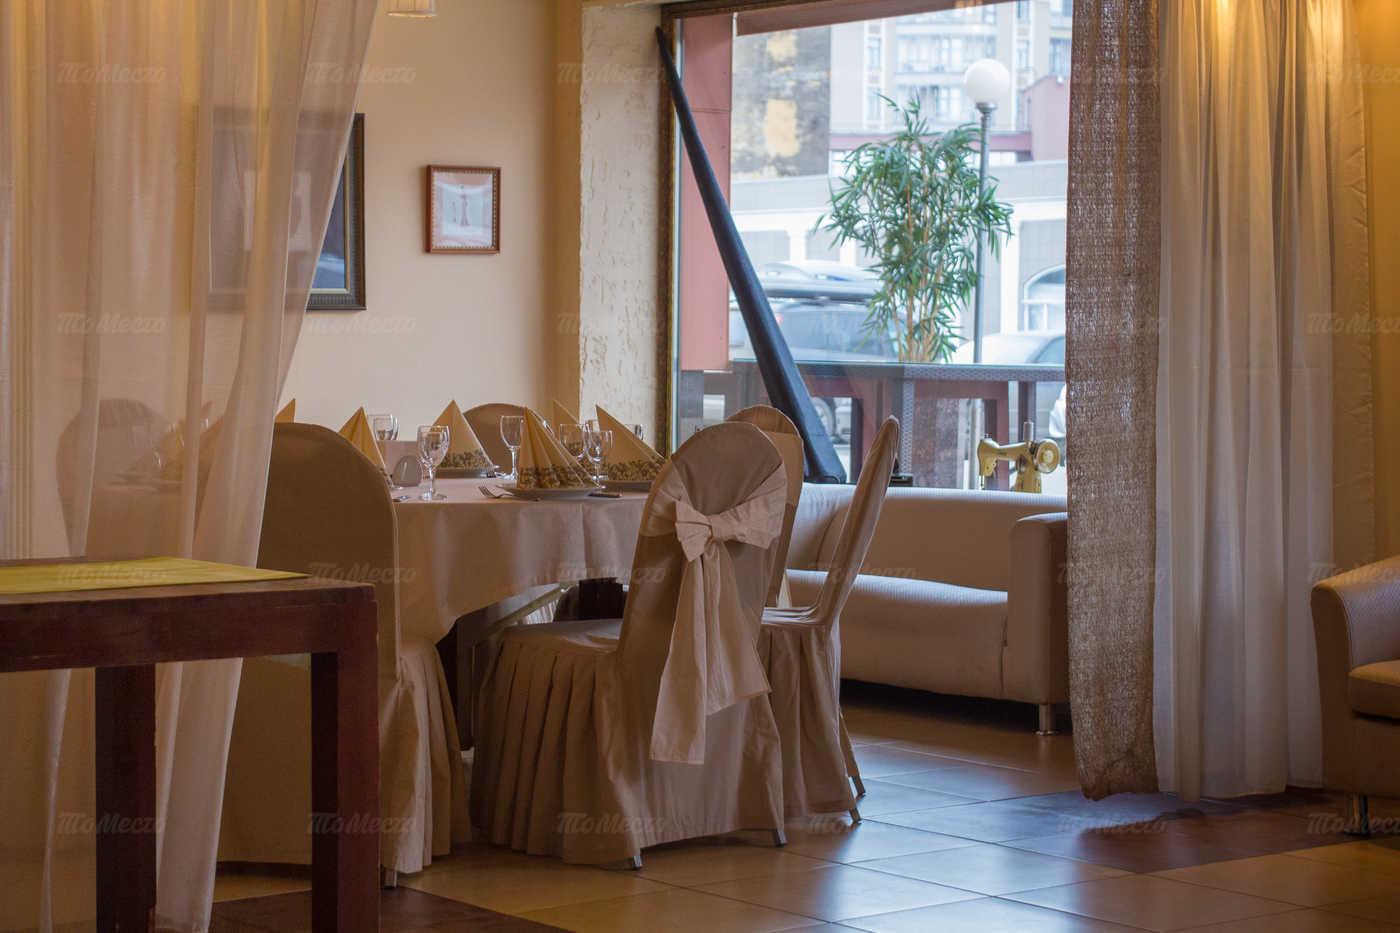 Меню ресторана Ля Фабрик (La Fabrik) на Левашовском проспекте